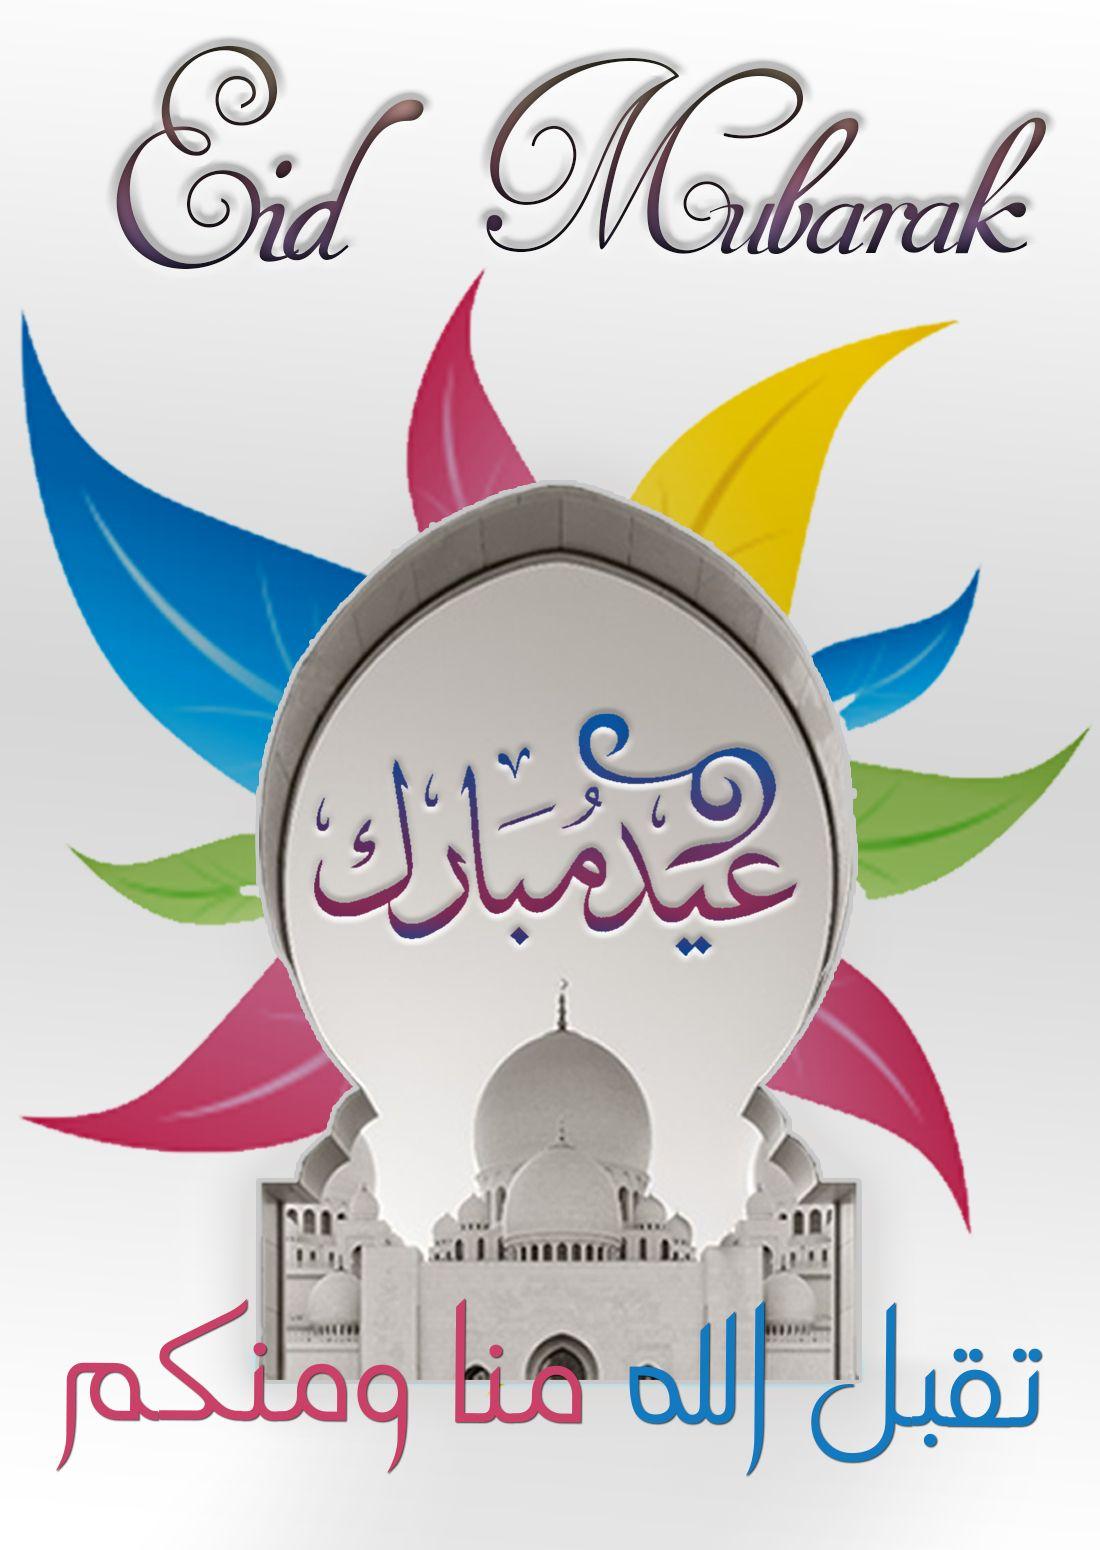 Eid mubarak taqabbal allaahu minnaa wa minkum may allah accept eid mubarak taqabbal allaahu minnaa wa minkum may allah accept and bless our fasts kristyandbryce Image collections